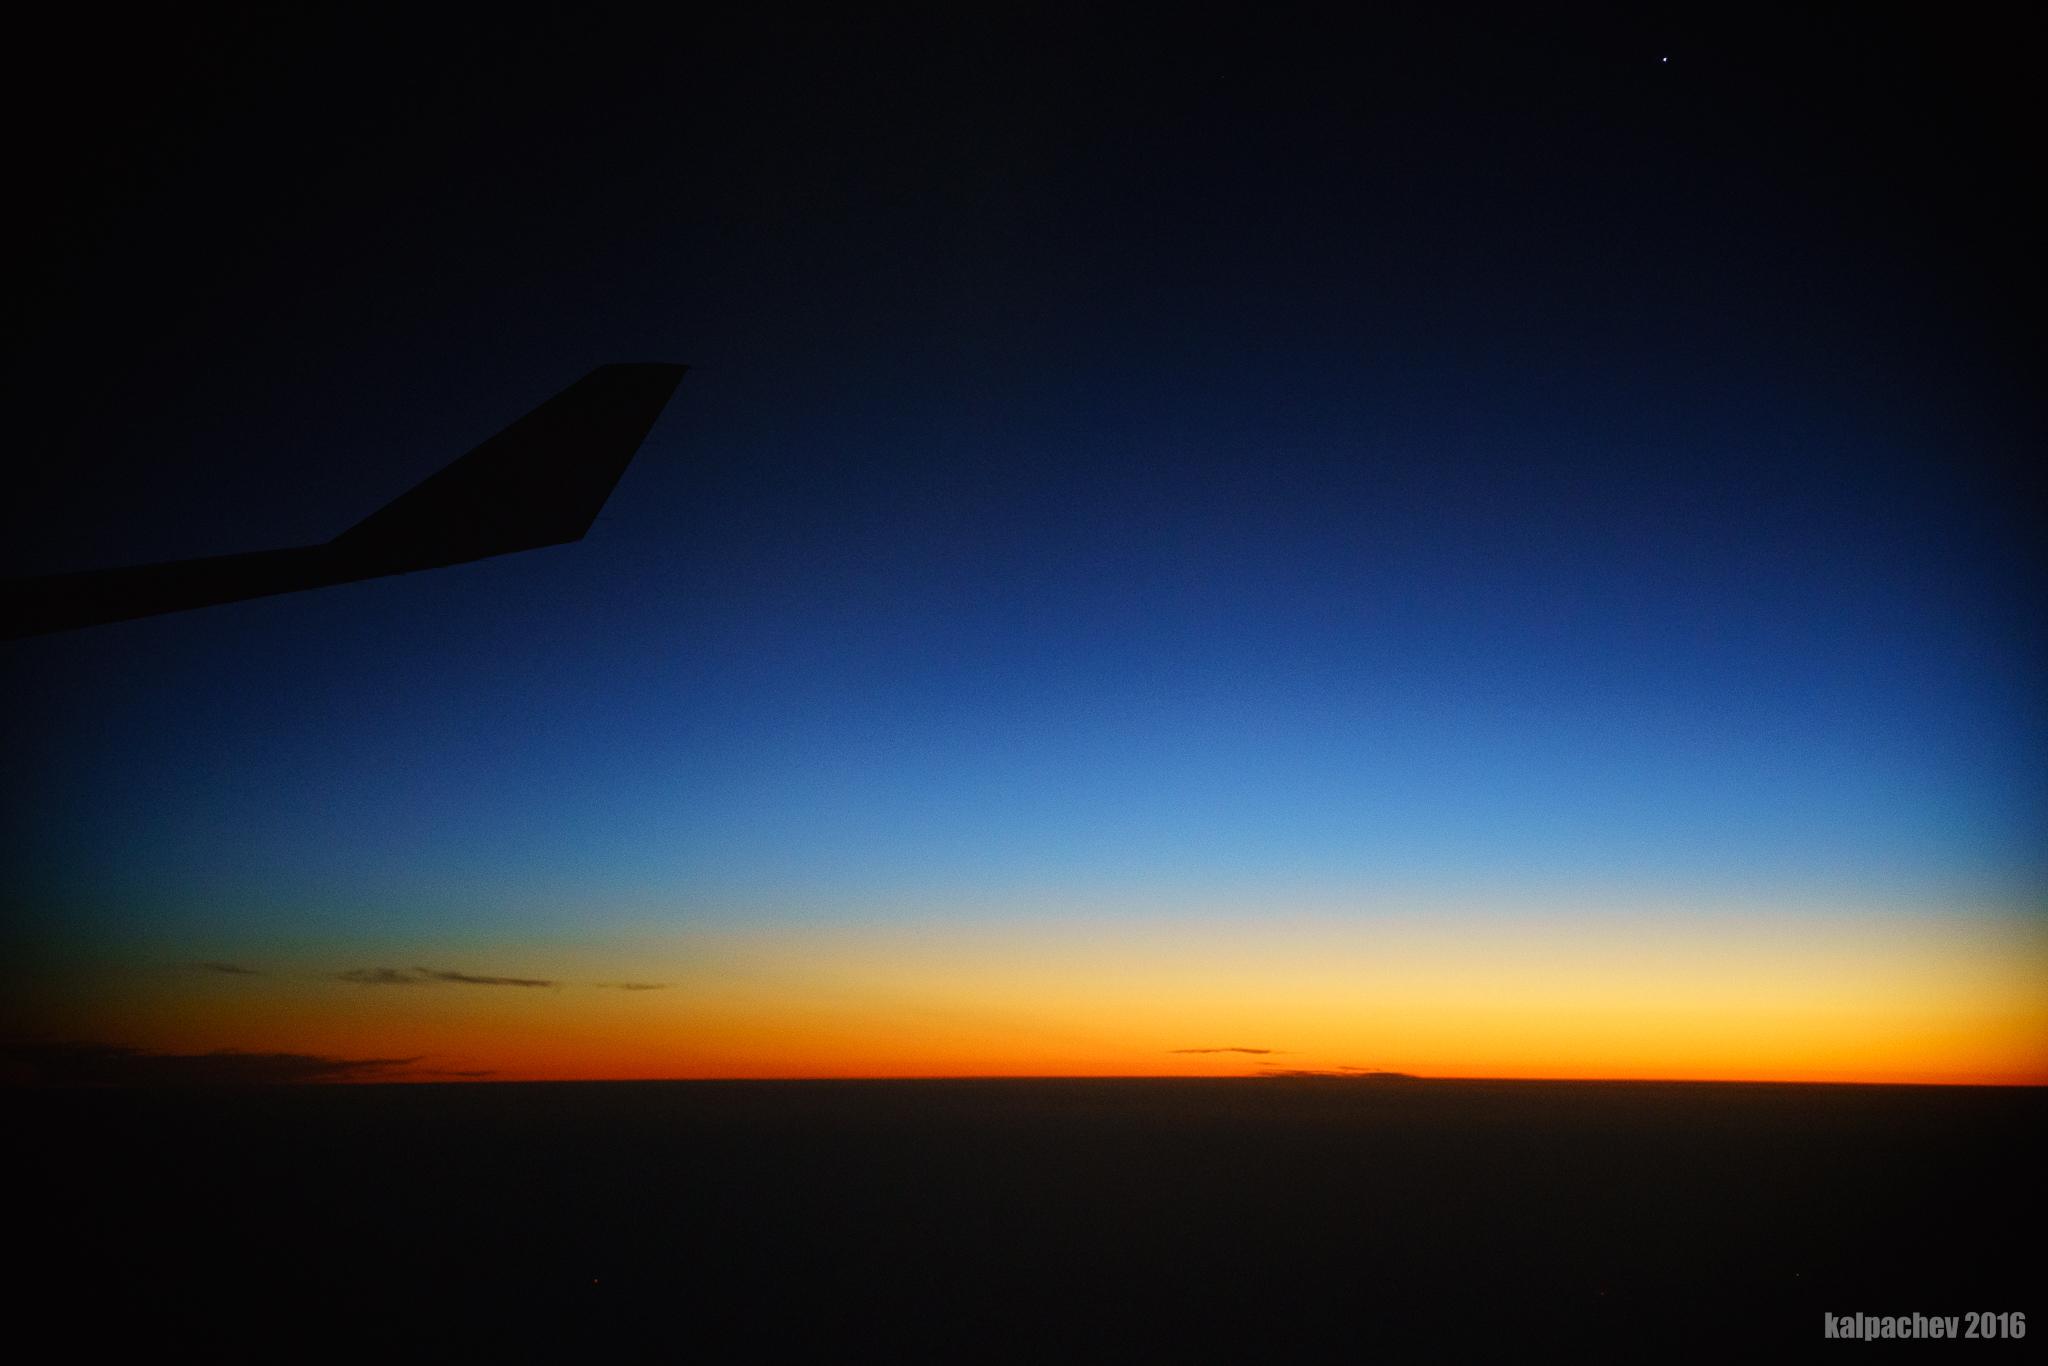 The beautiful sunset over Persian gulf